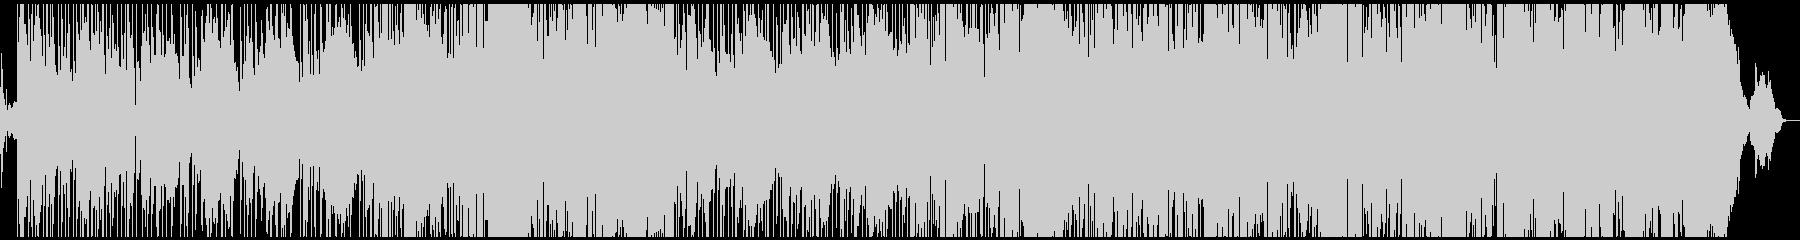 ミステリアスなサウンドが印象的なロックの未再生の波形